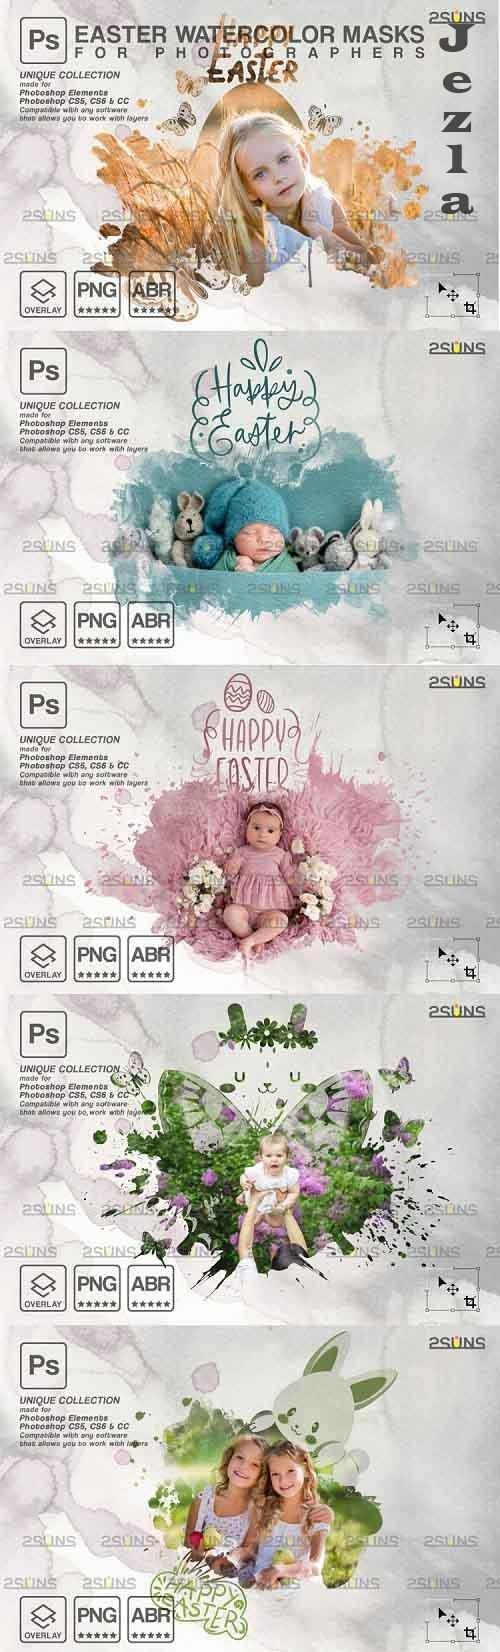 Easter Watercolor overlay & PHSP overlay V2 - 1224217